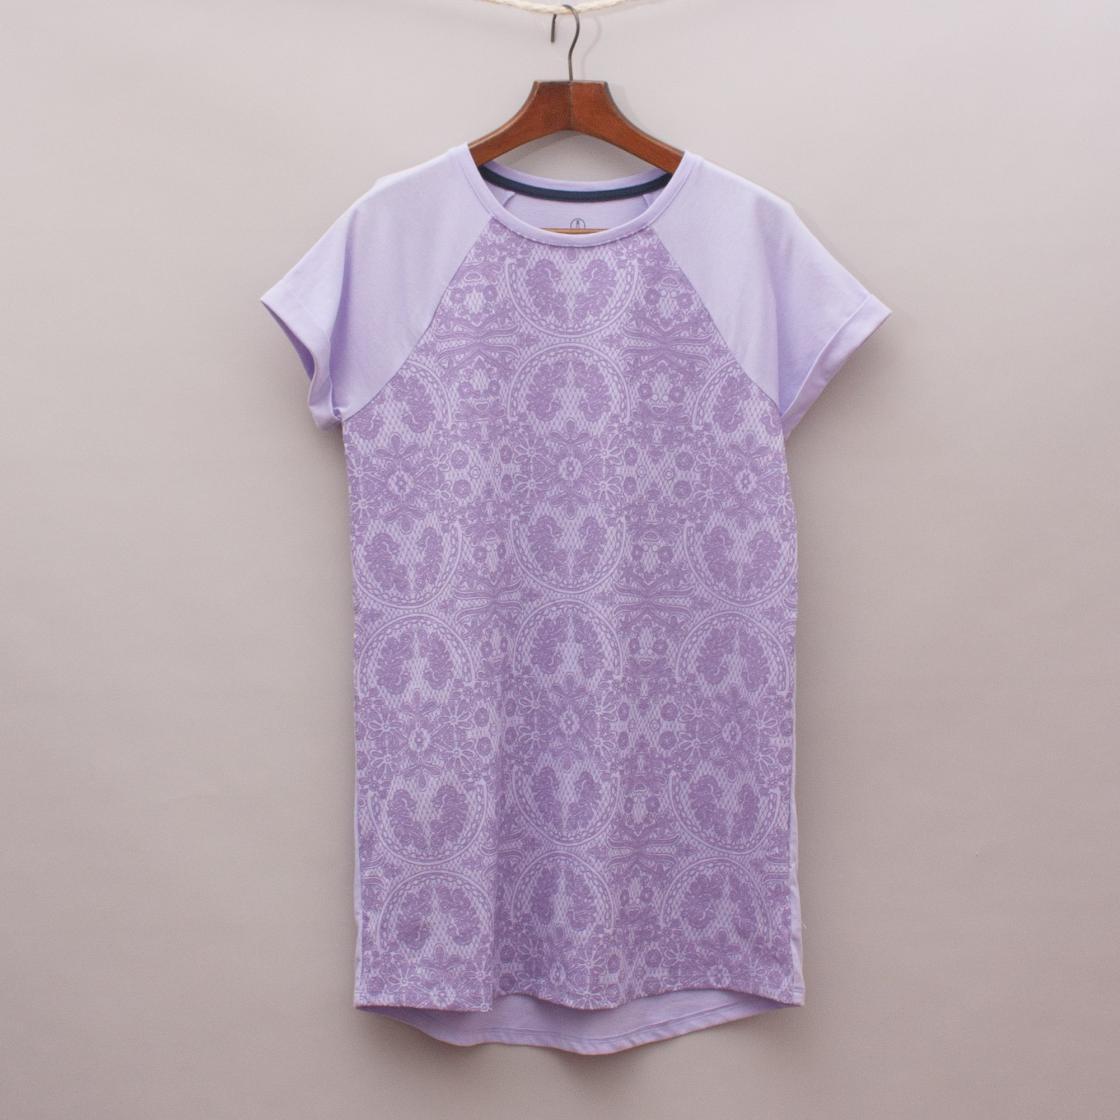 Land's End Lace T-Shirt